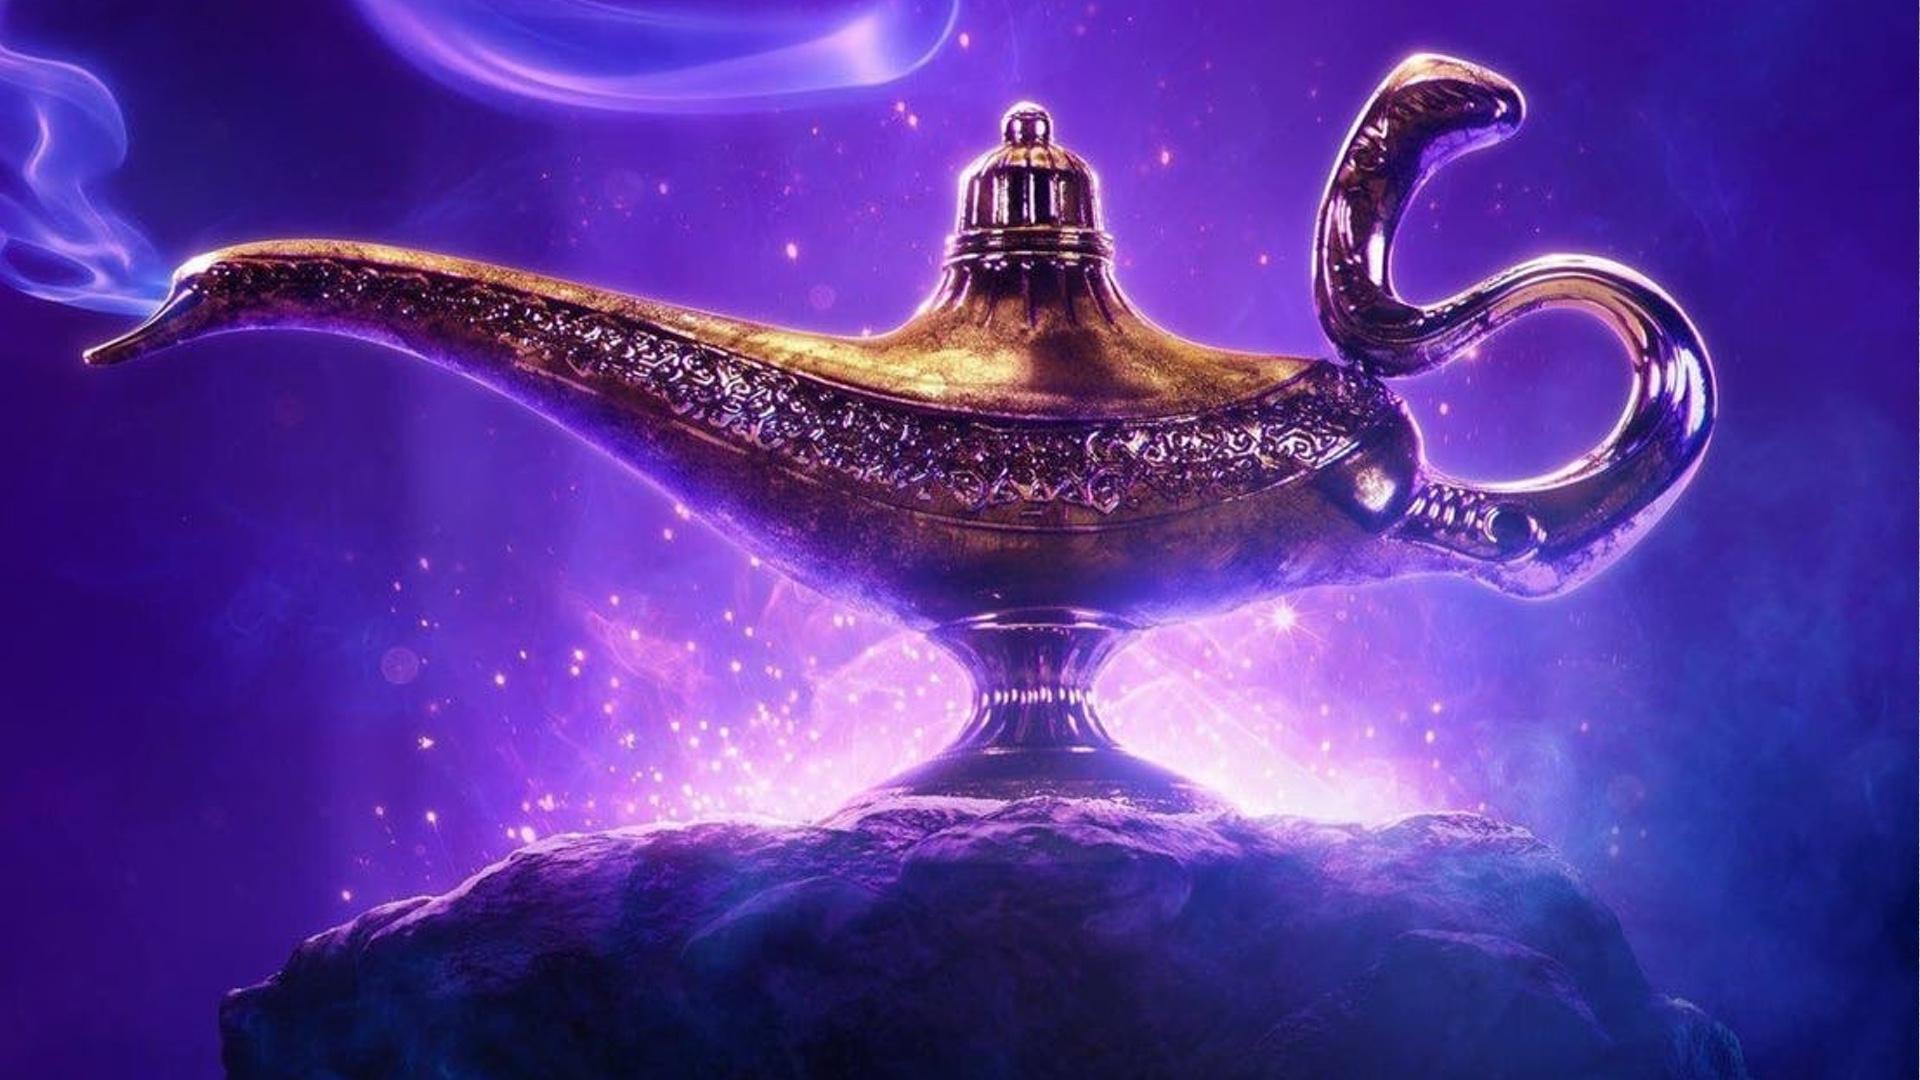 迪士尼《阿拉丁》電影將有全新曲目  原作曲家與LALA LAND、大娛樂家金獎團隊共組豪華陣容首圖